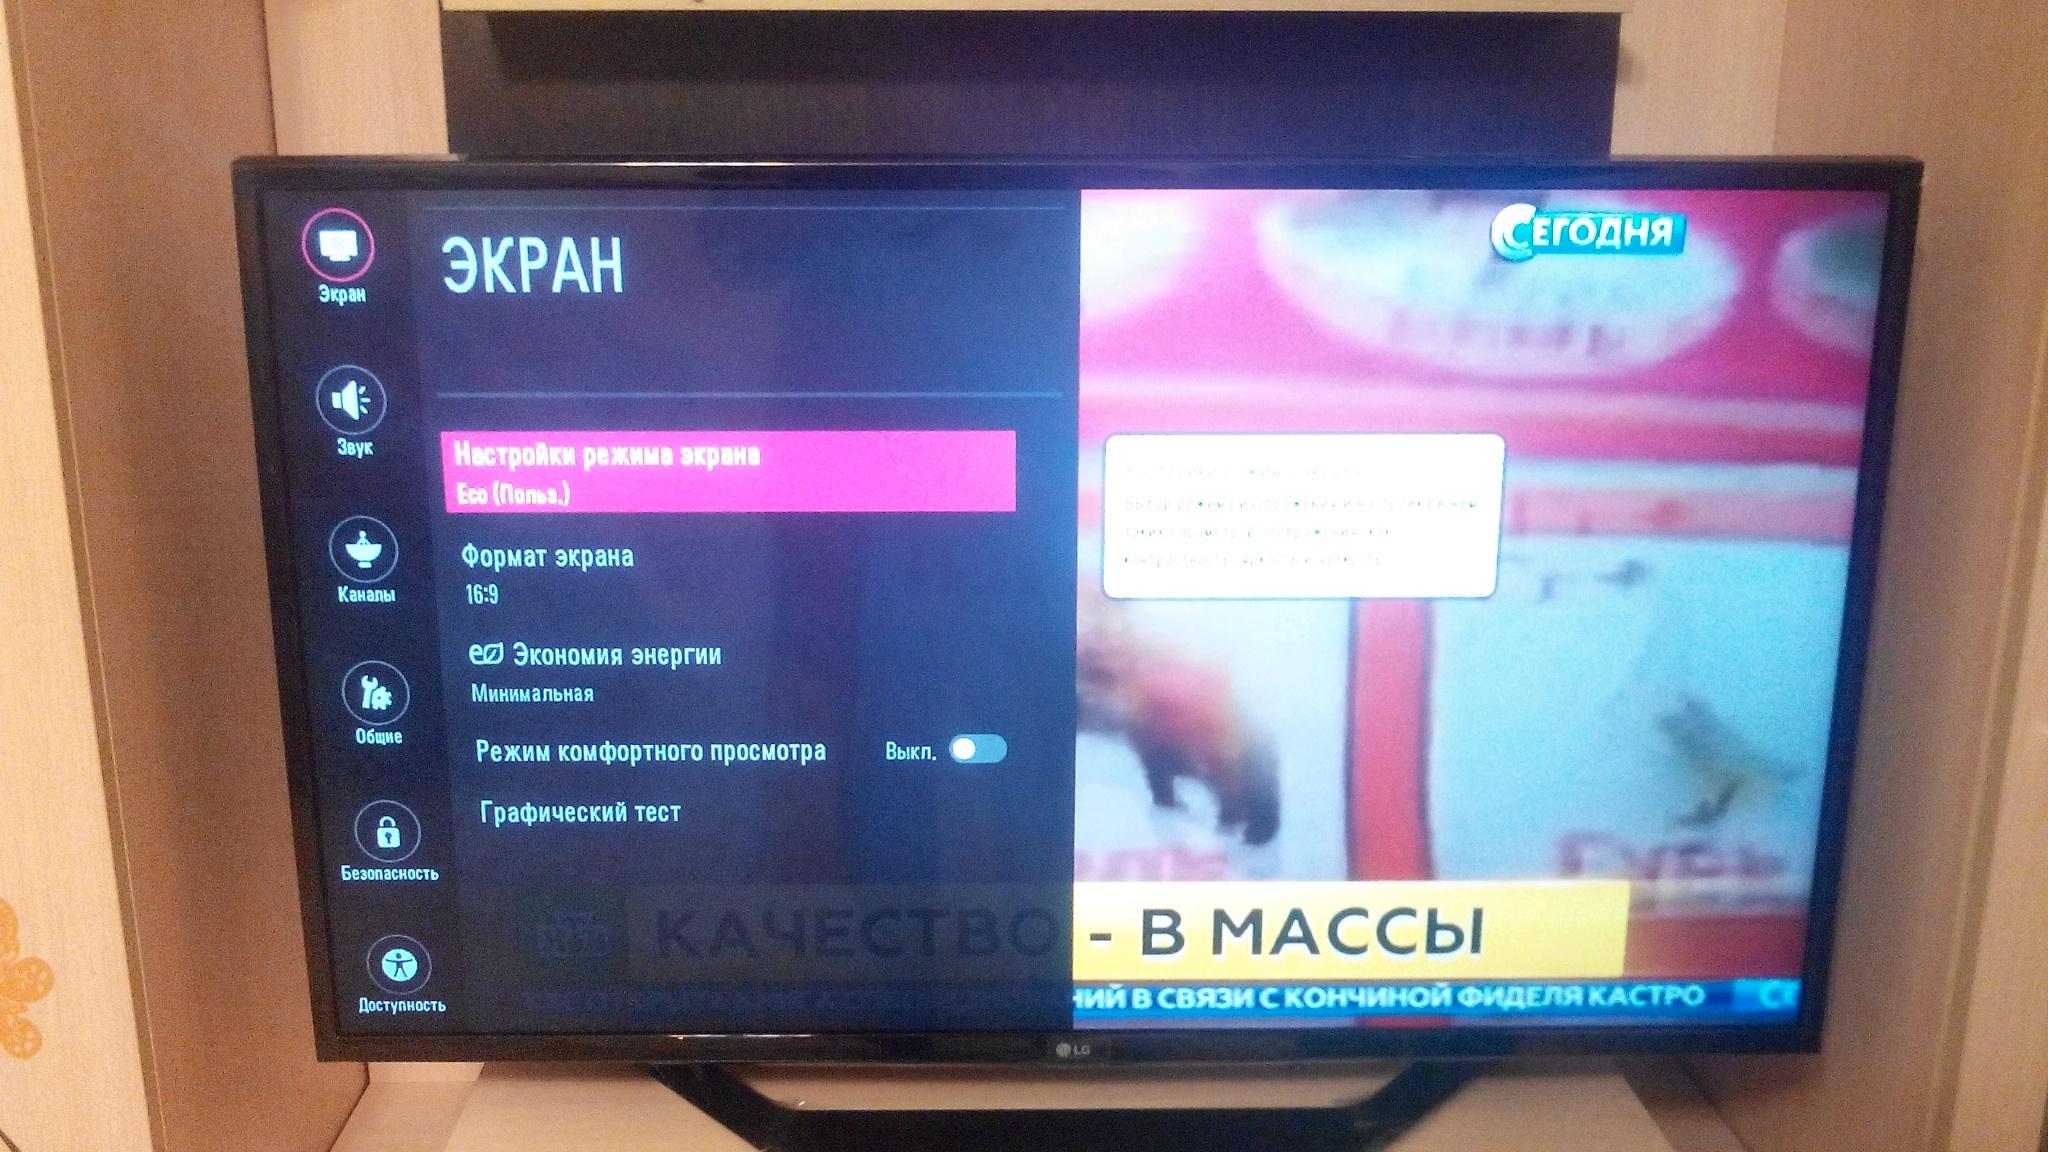 обслуживать смазанная картинка на телевизоре лджи жители считают